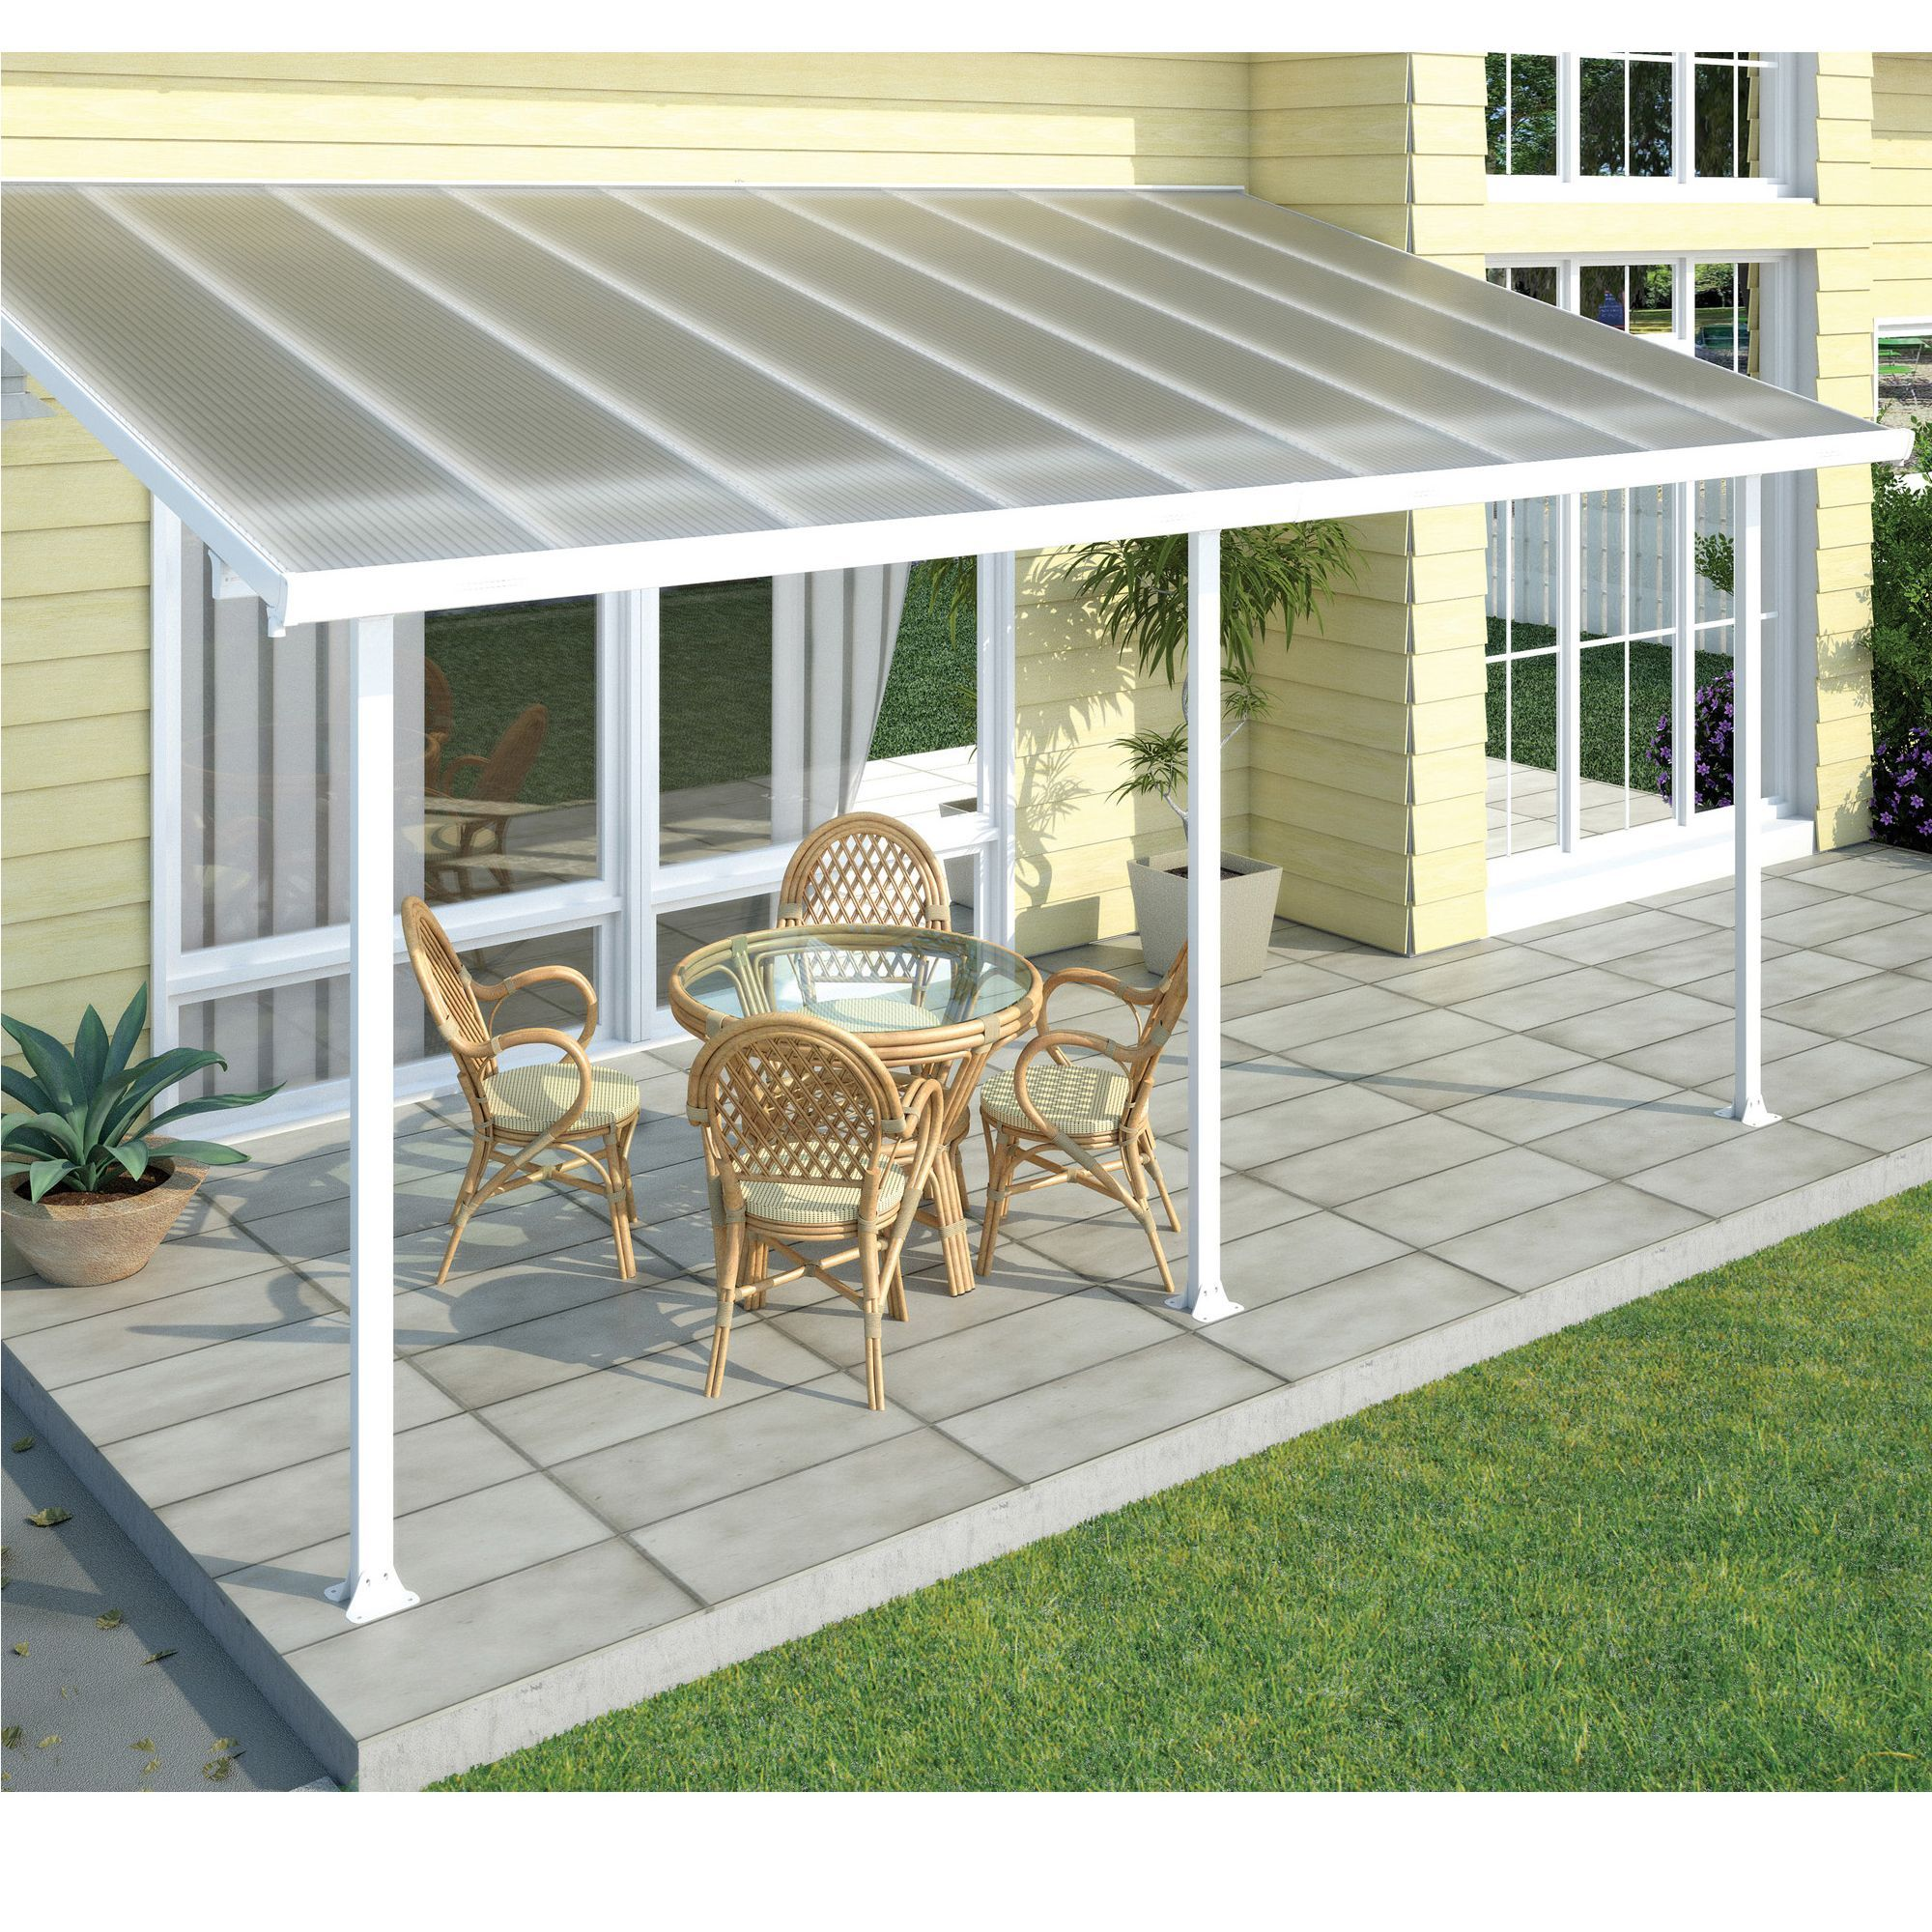 Toit de protection pour terrasse 3x6m blanc pergola les pergolas et parasols meubles de for Meubles pour jardins et terrasses